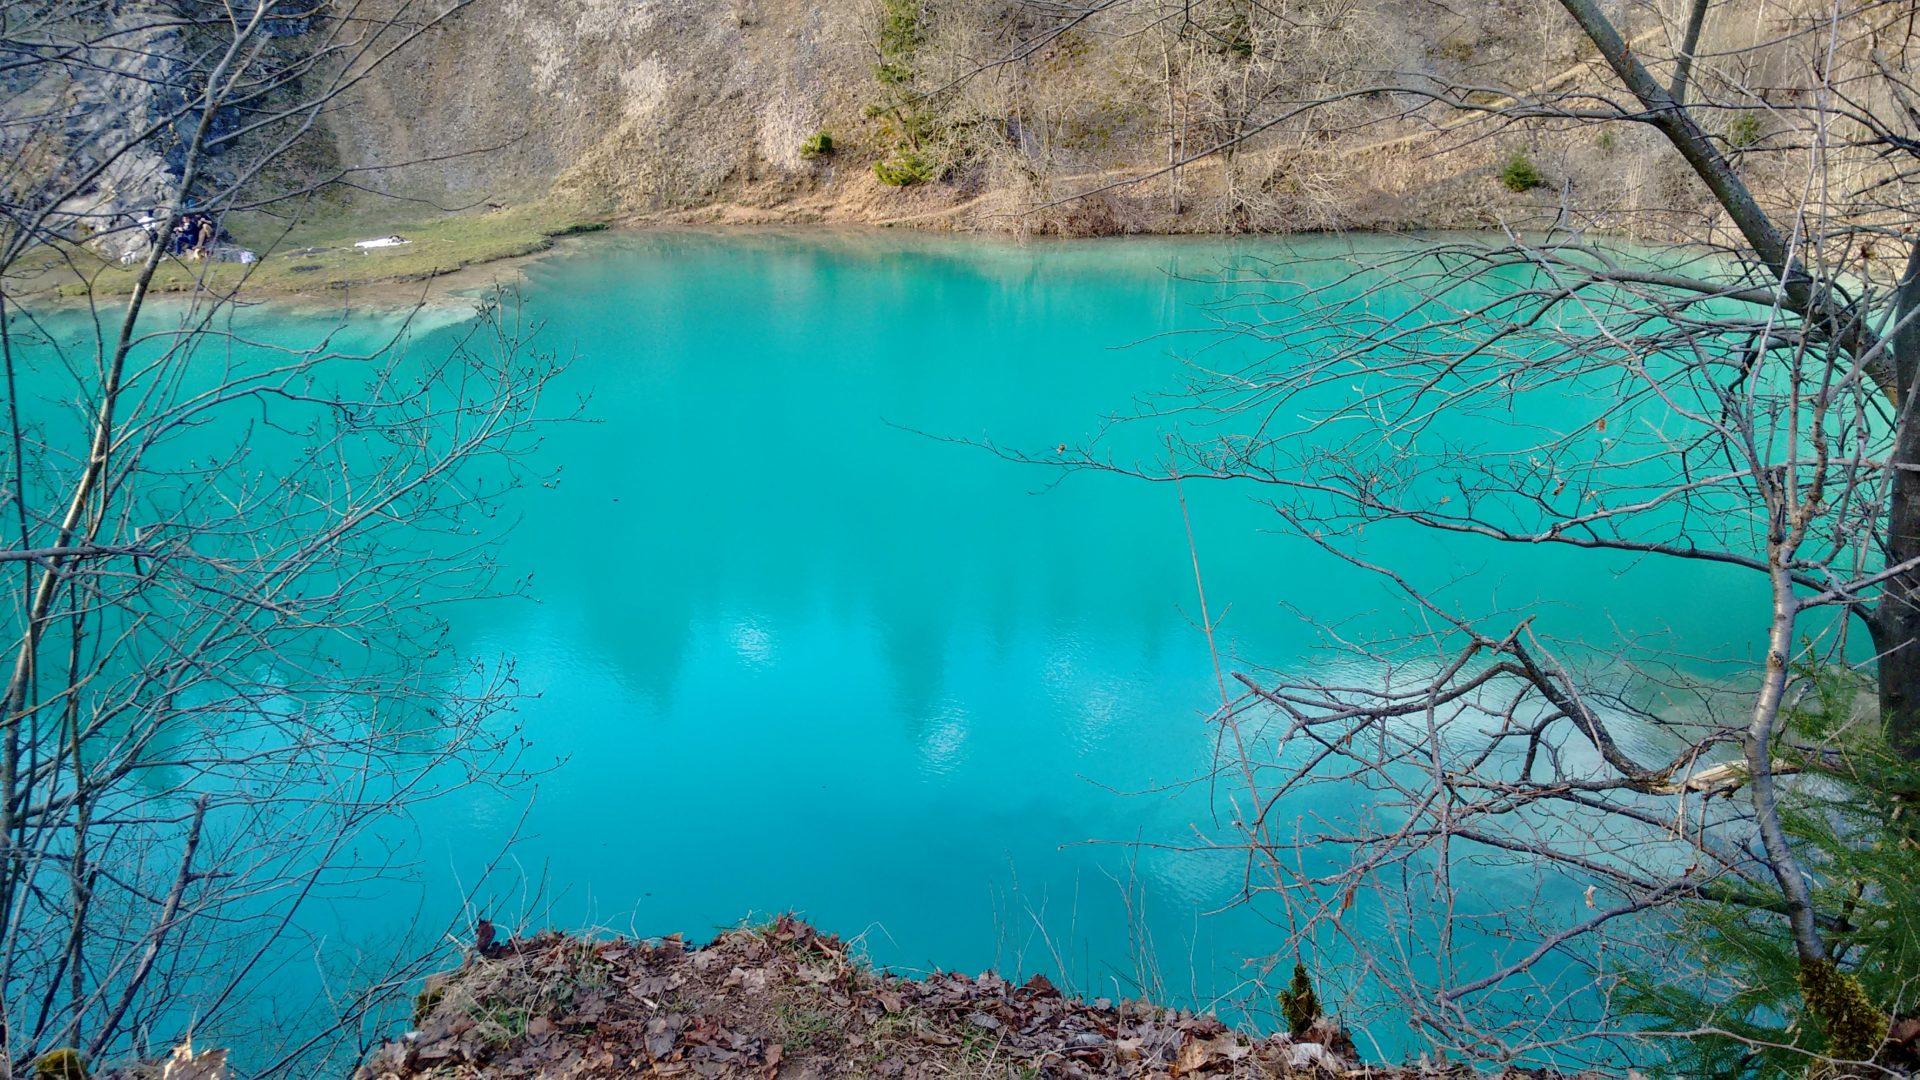 Le lac bleu turquoise de Rübeland